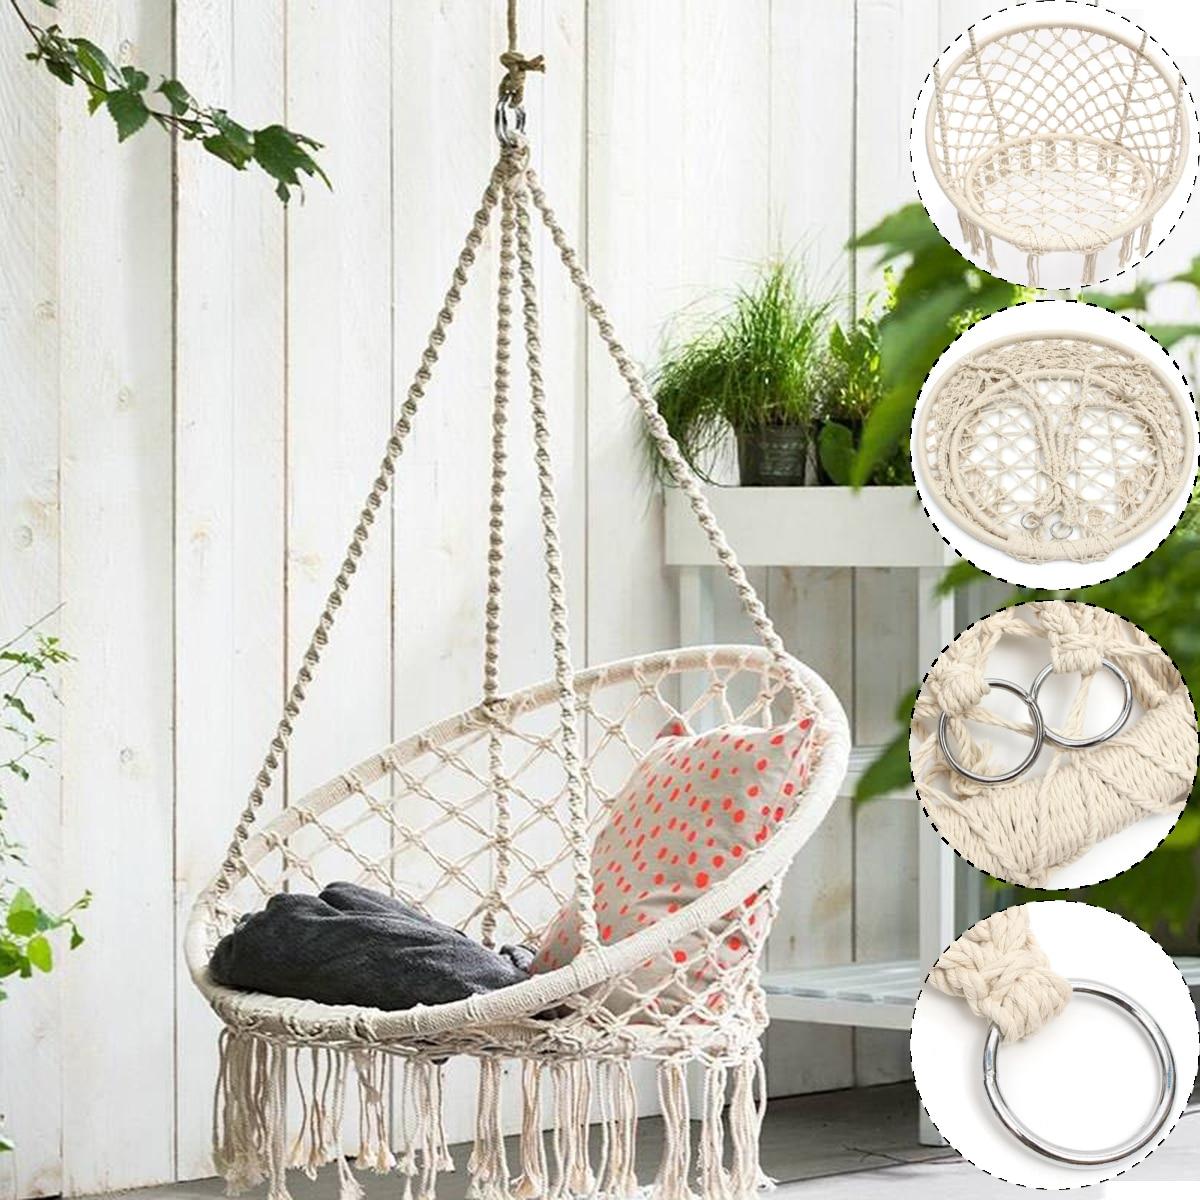 Нордический хлопковый Веревочный Гамак, стул ручной вязки, домашние уличные детские качели, кровать для взрослых, подвесное кресло, гамак